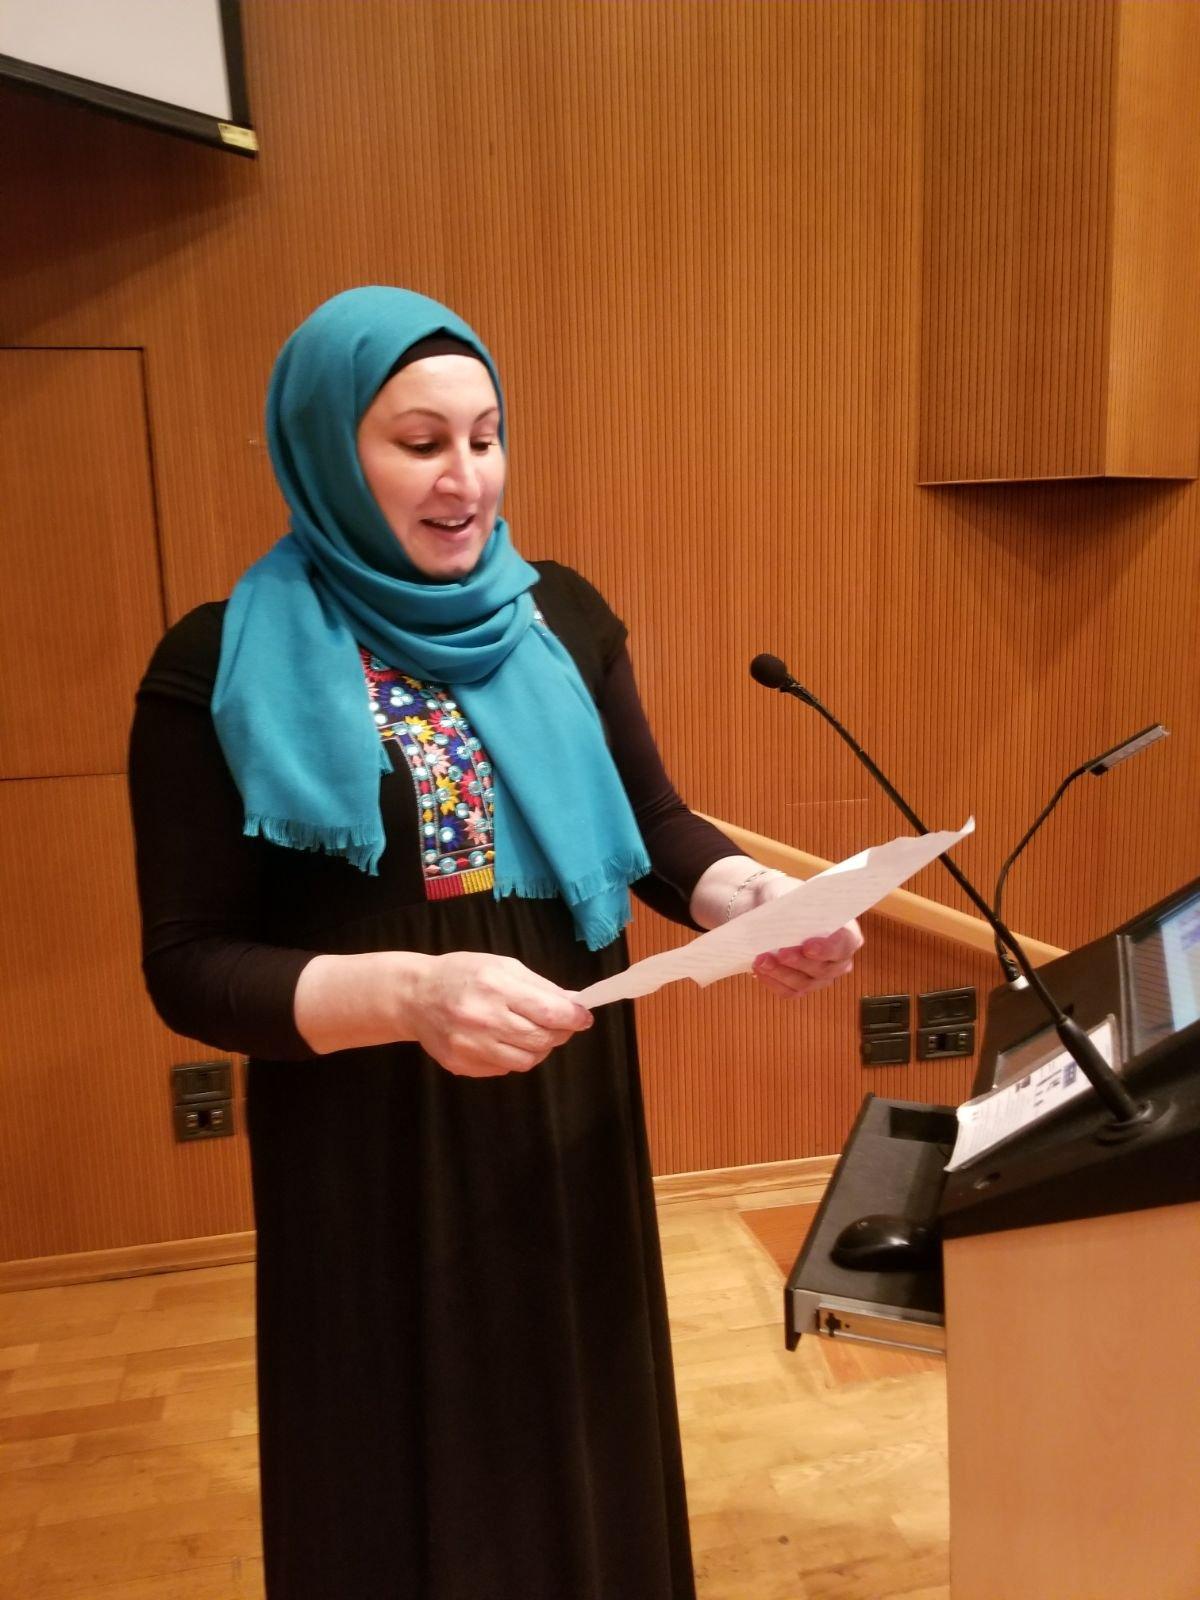 عقد ندوة حول التعلم المشترك بين الطلاب العرب واليهود بهدف التغيير المجتمعي في المعهد الأكاديمي العربي للتربية في الكليّة الأكاديميّة بيت بيرل